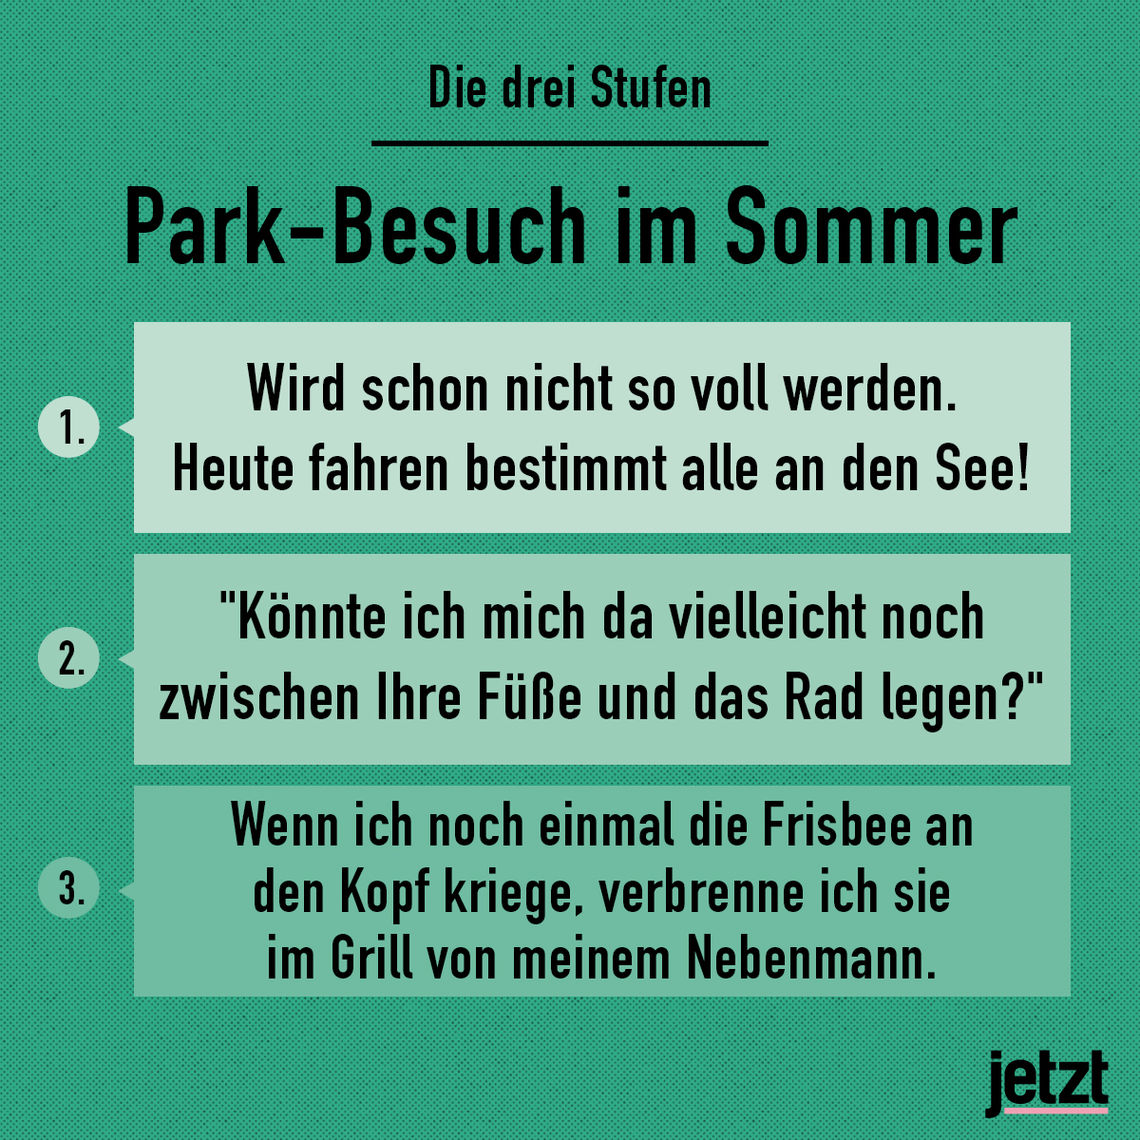 3stufen park